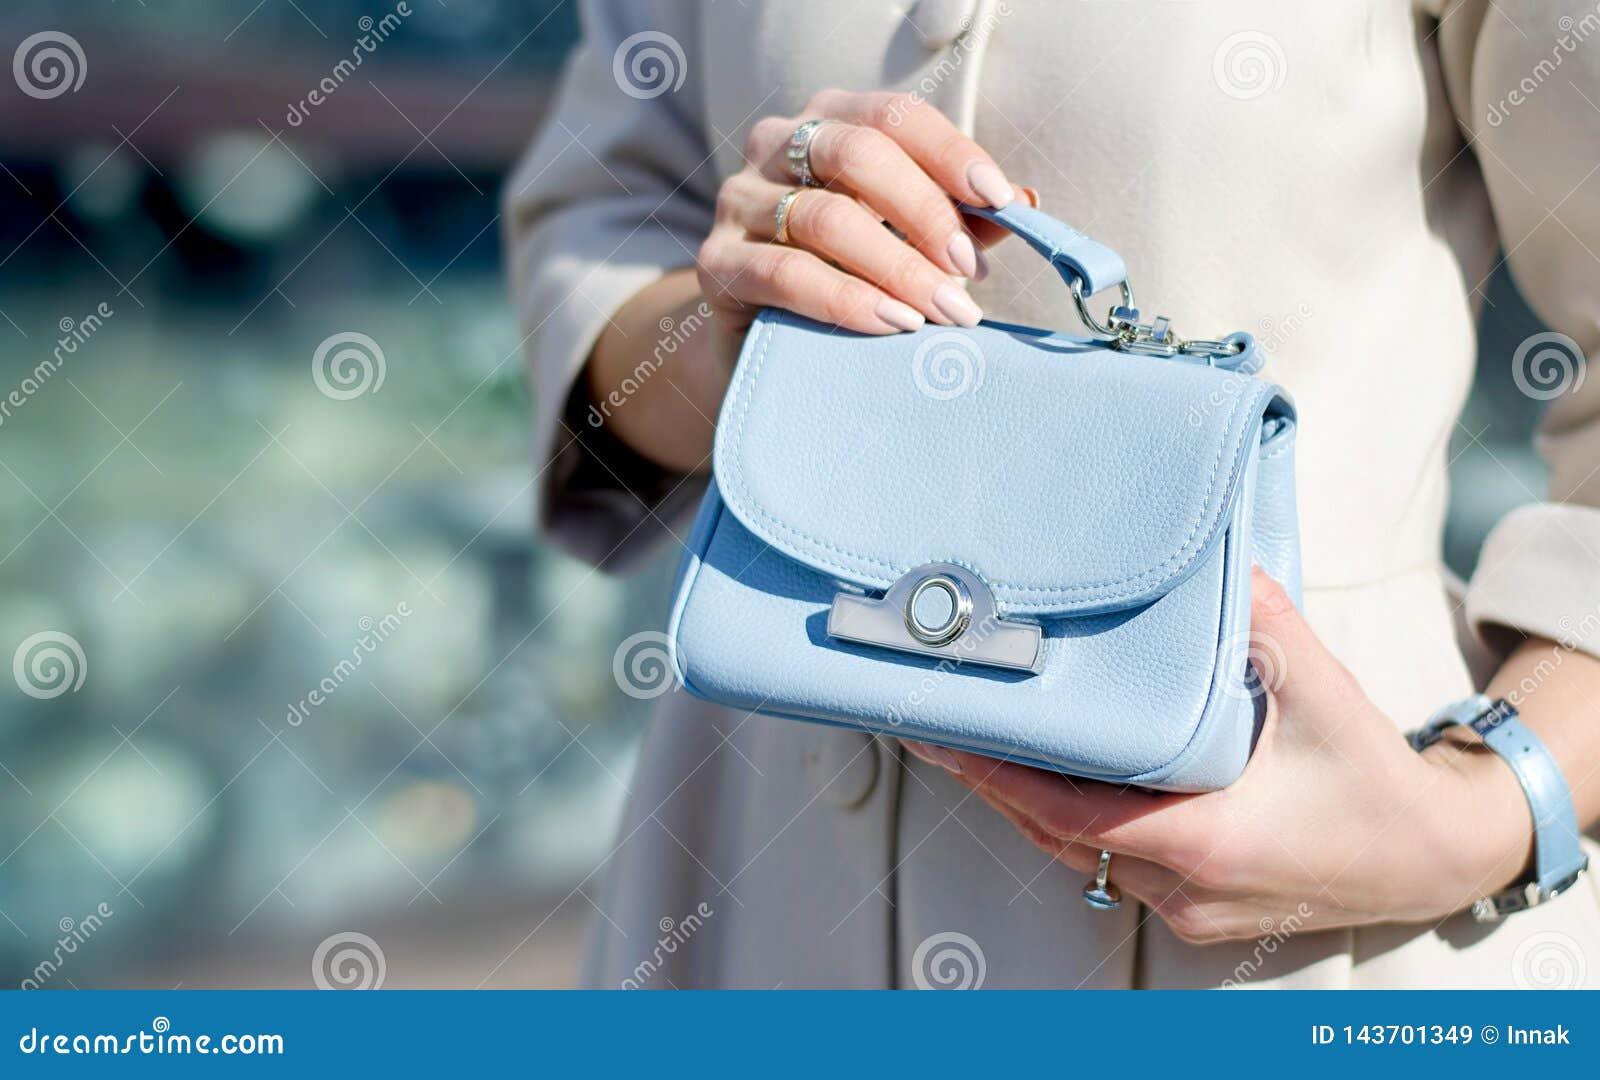 Błękitna mała torebka w żeńskich rękach W górę rzemiennej torebki Kobiety chodzi w mie?cie Dziewczyna w be?owym ?akiecie